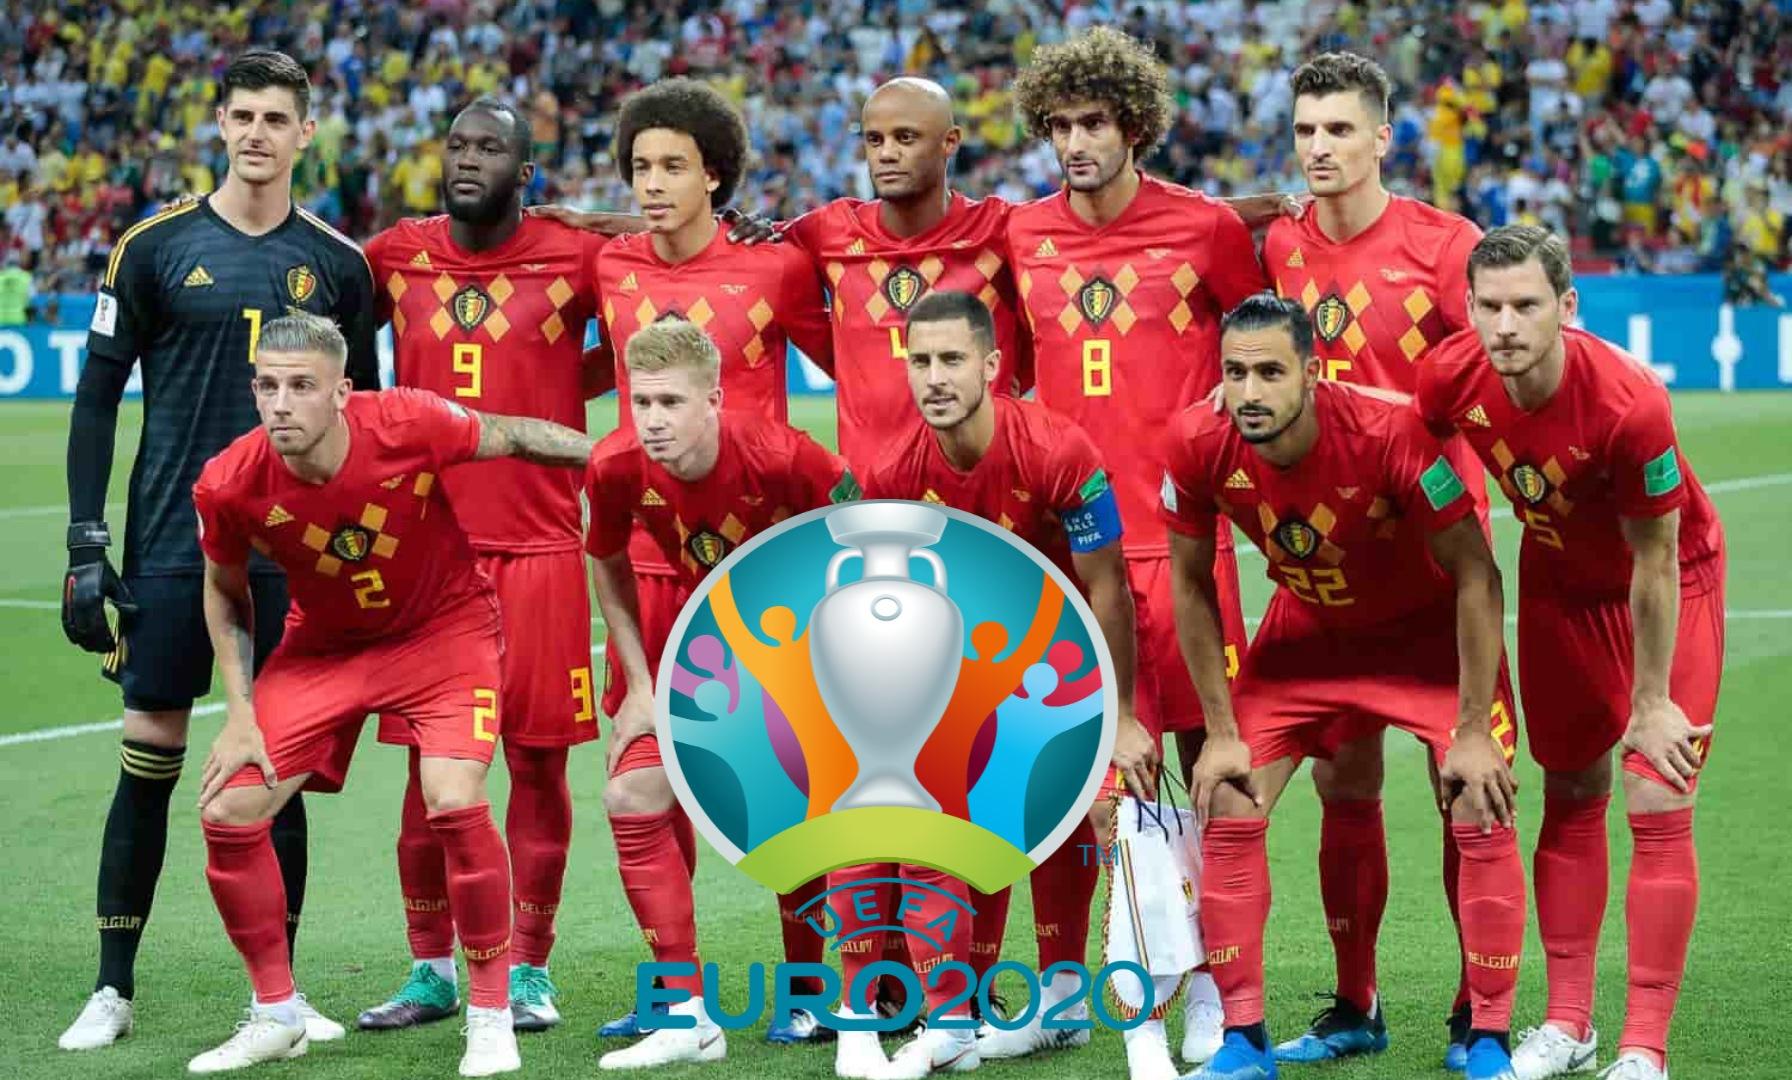 Senarai Rasmi Pemain Belgium EURO 2020